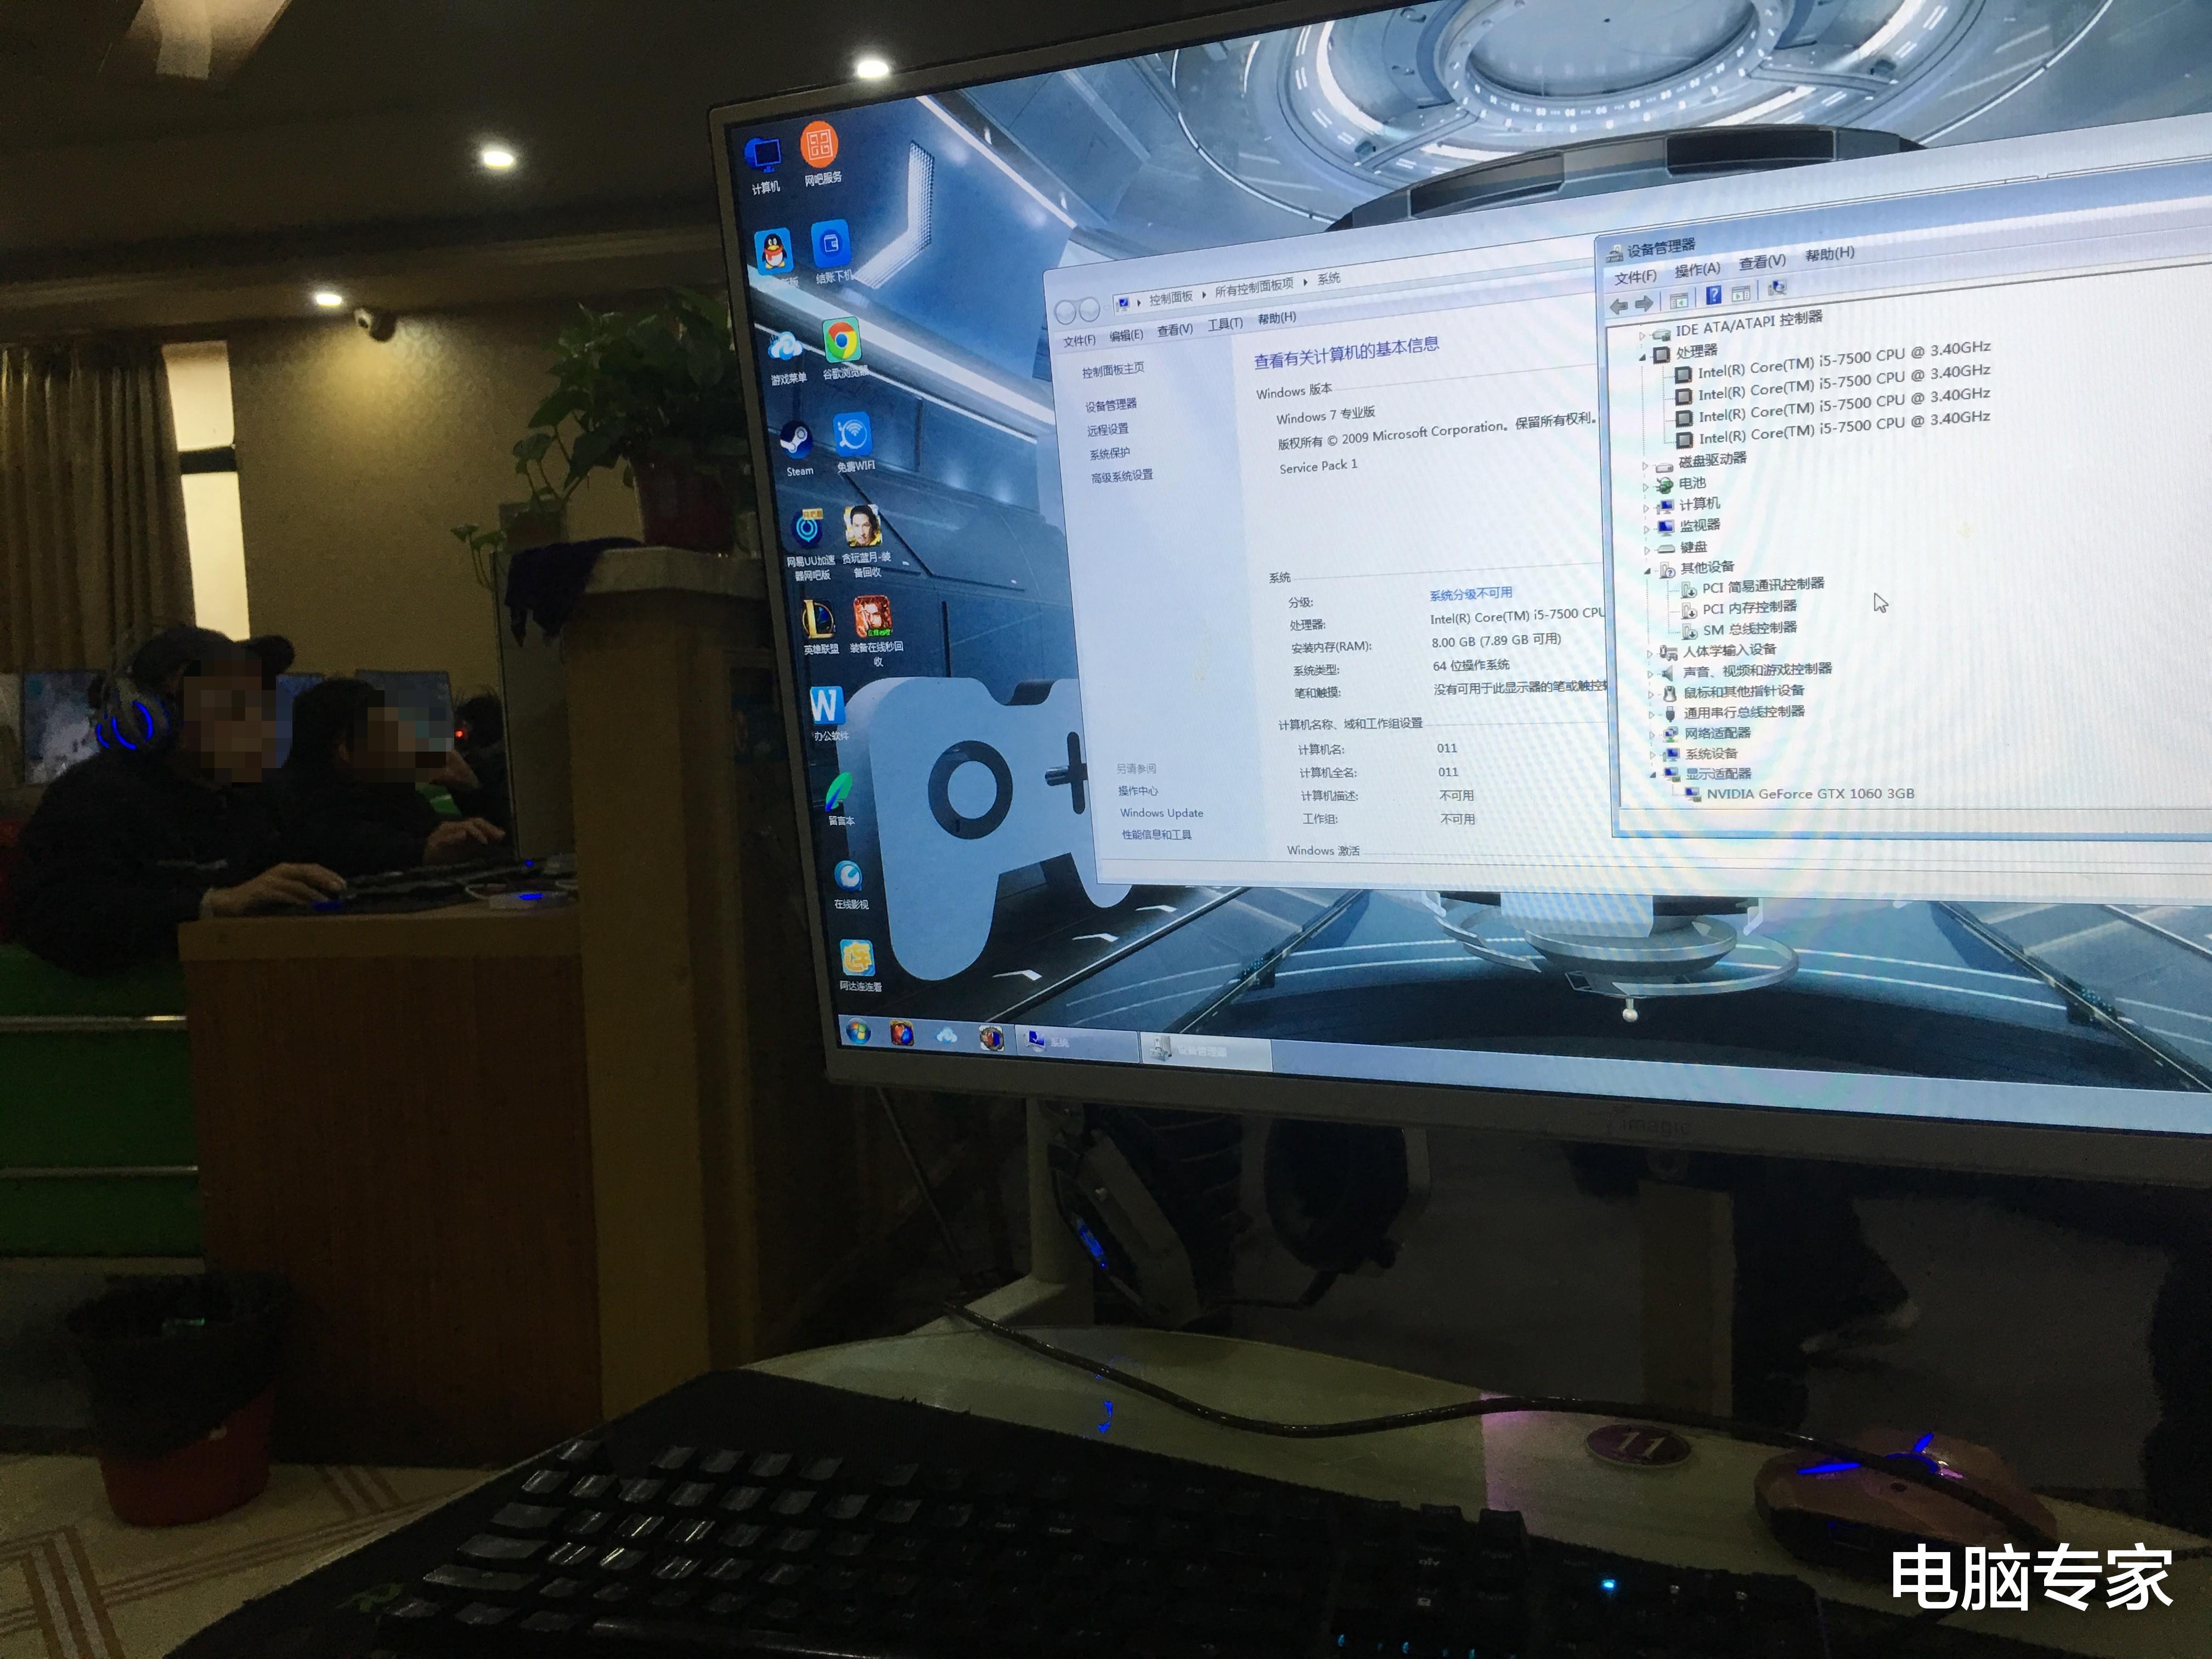 朋友网吧翻新大改造,96台电脑主机173200元打包带走,头疼啊!